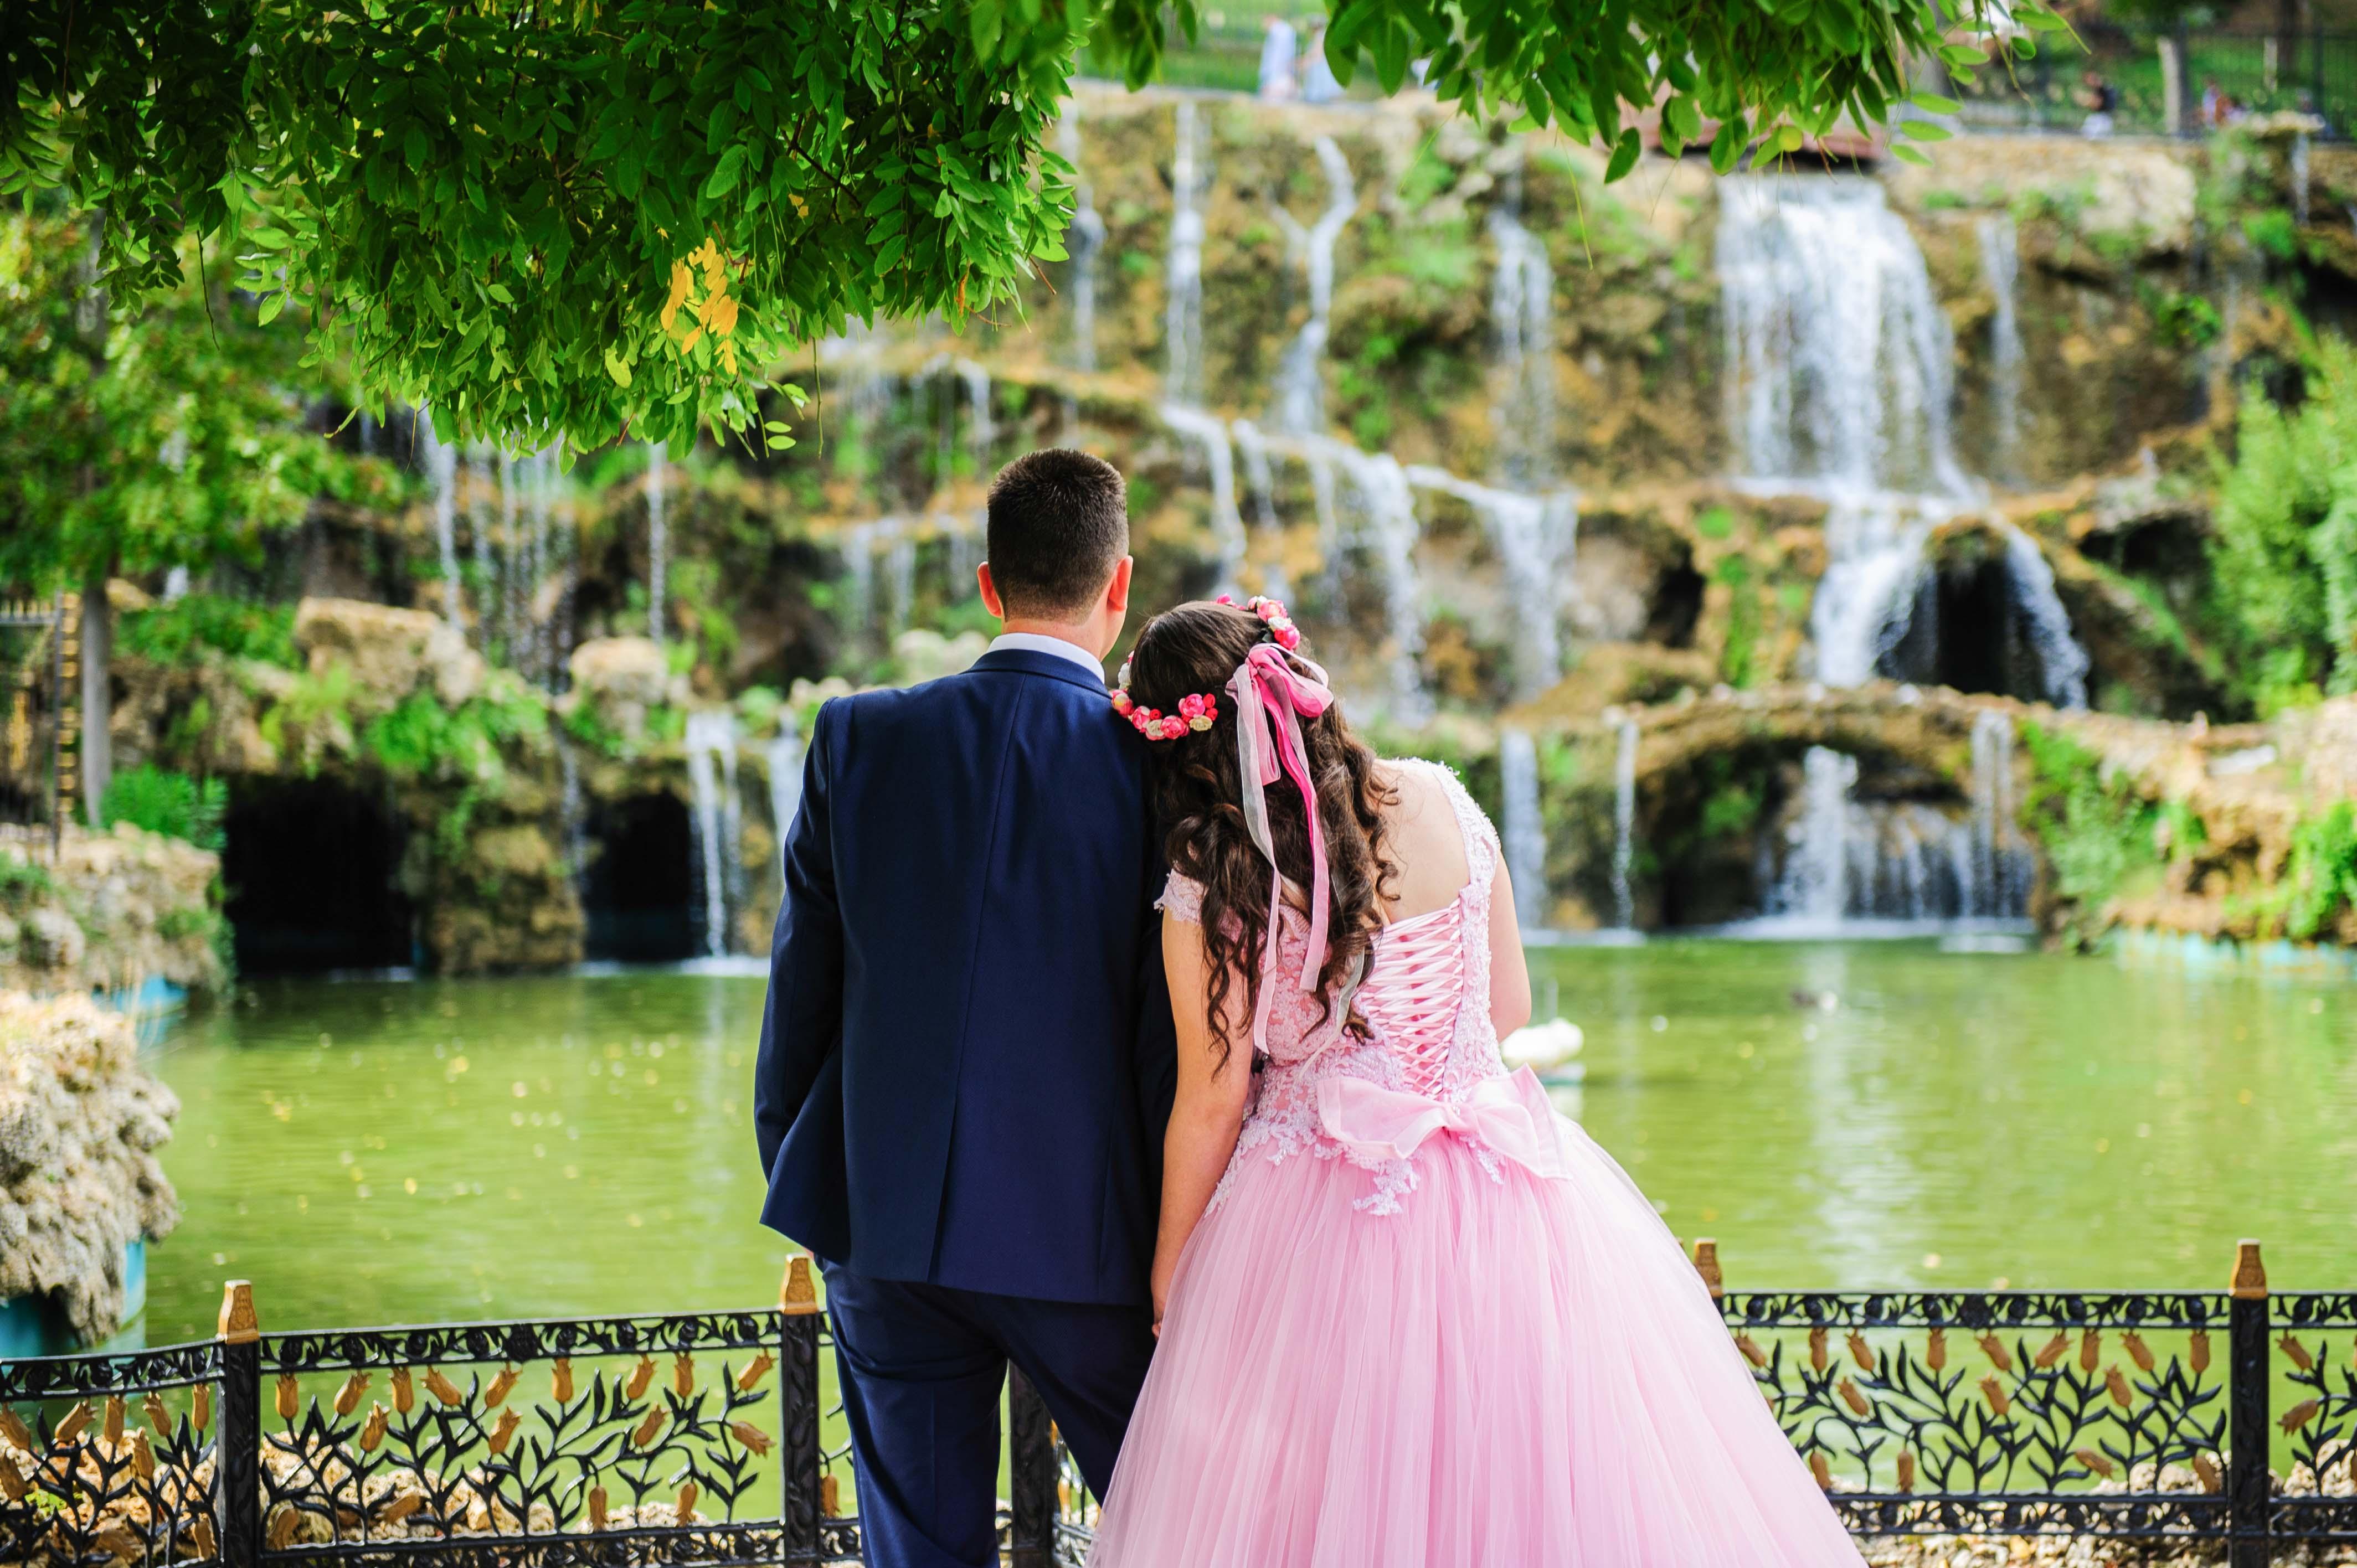 emirgan korusu düğün fotoğrafları - emirgan korulu  u d      n foto  raflar   - Emirgan Korusu Düğün Fotoğrafları | Dış Mekan Fotoğraf Çekimi